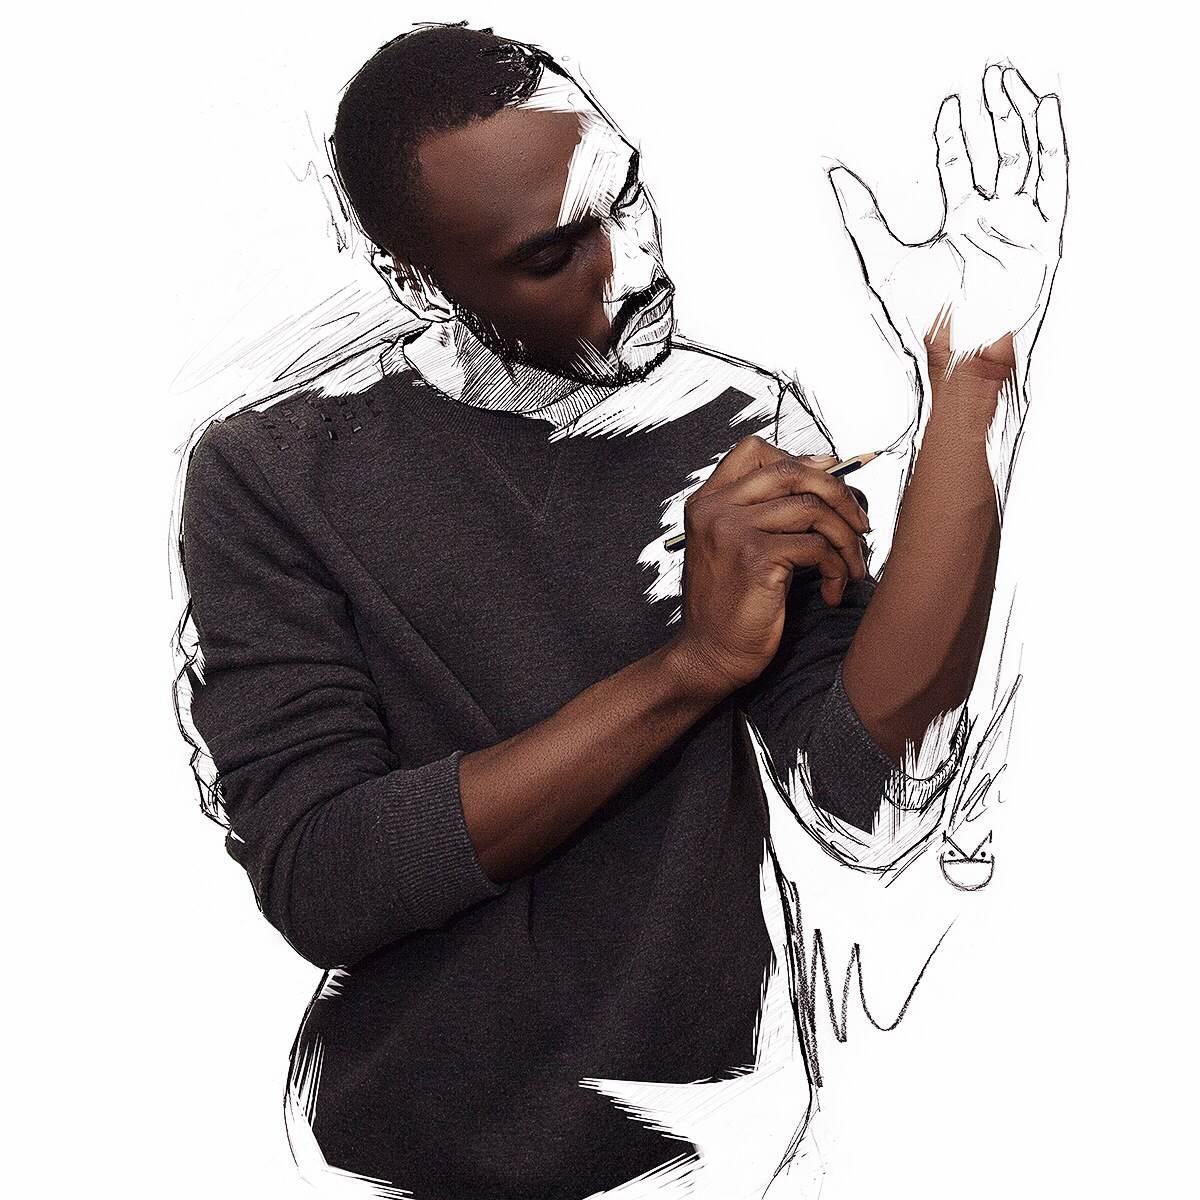 david-zinyama-drawing